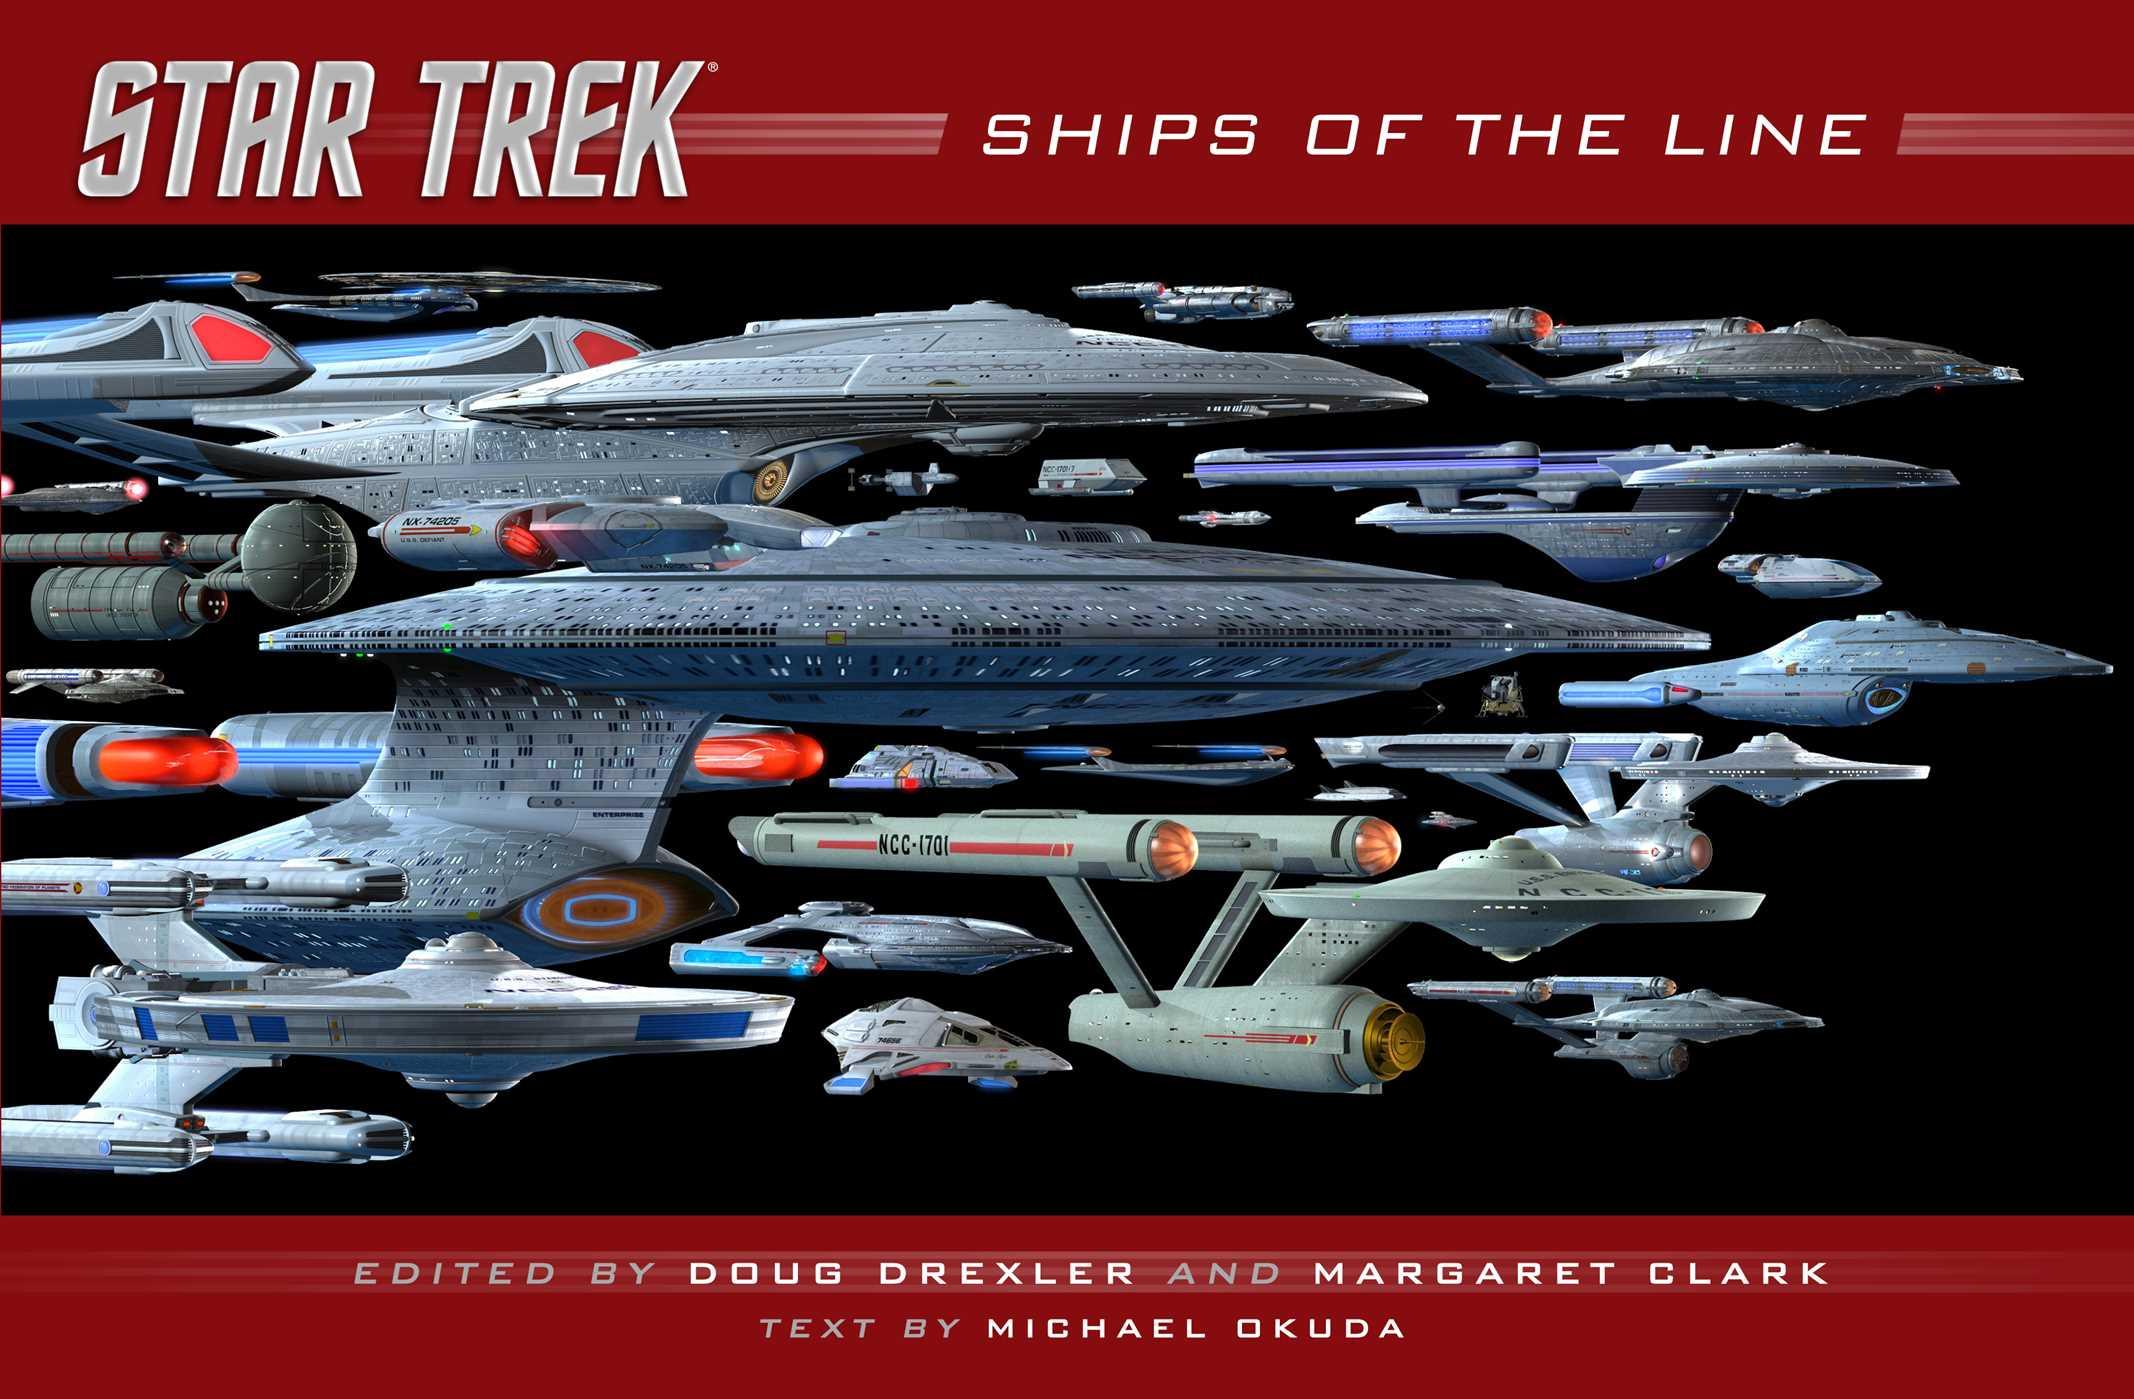 Star trek ships of the line 9781476782584 hr